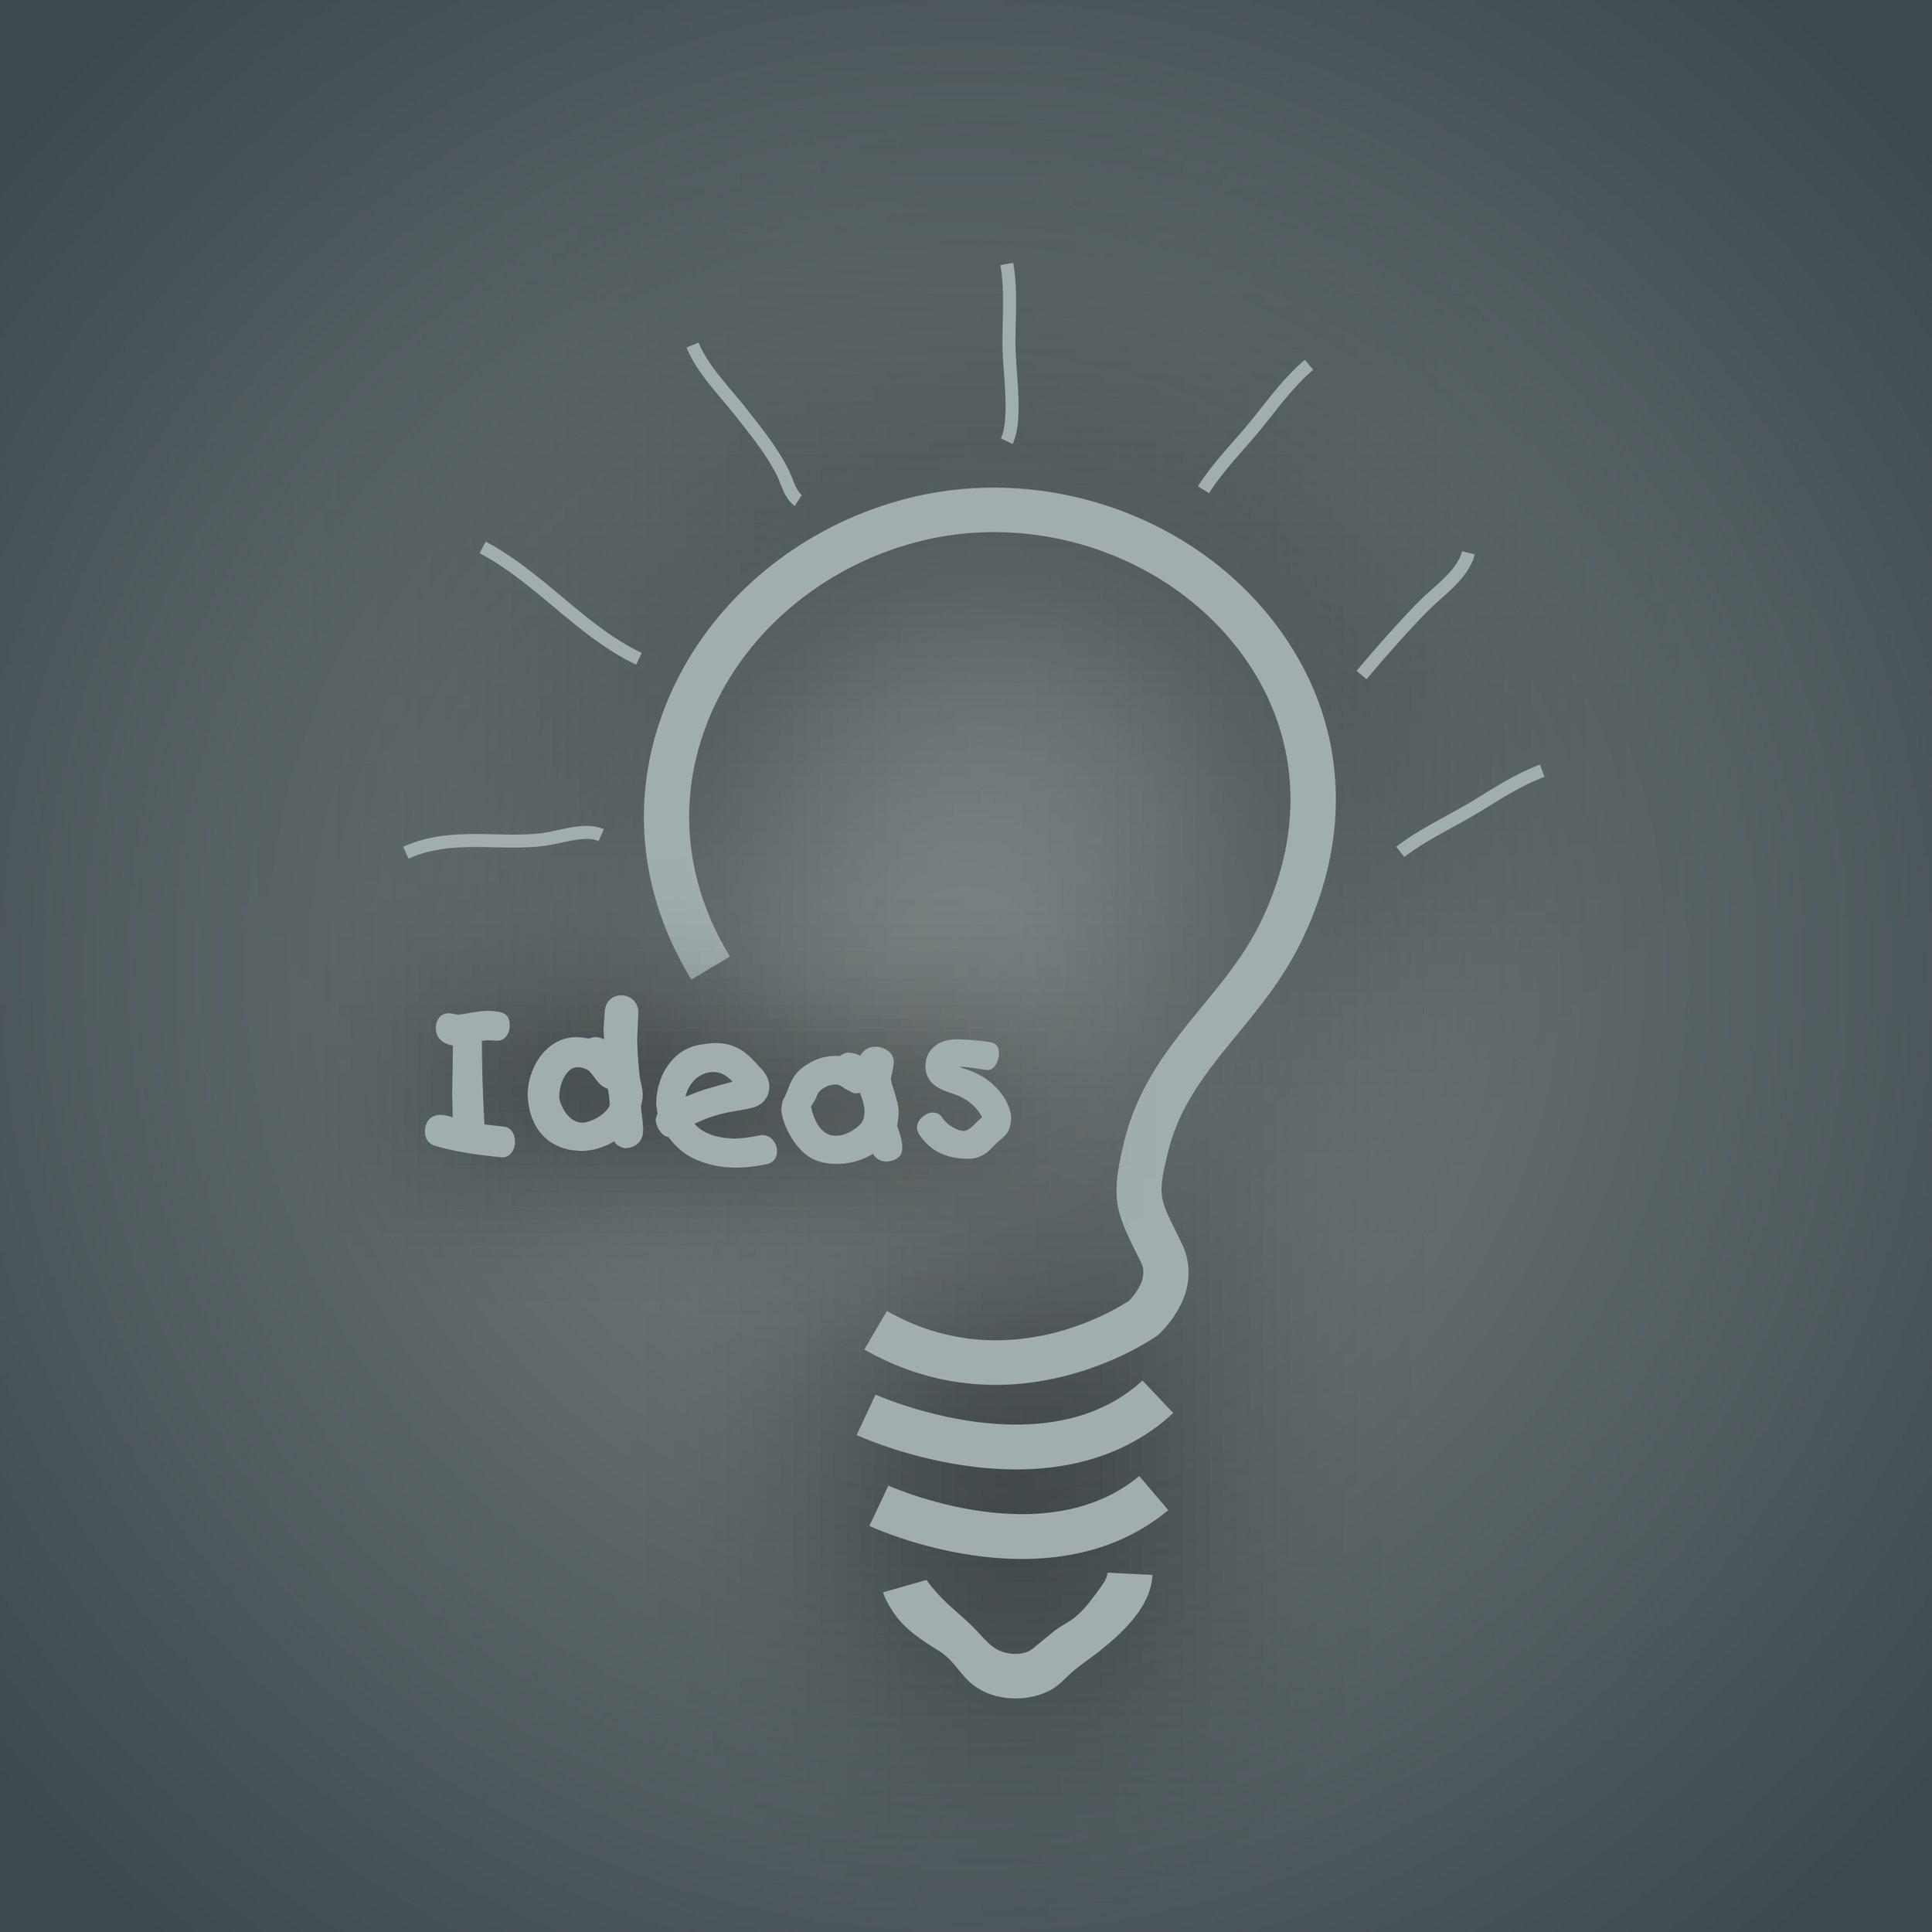 Great Idea!